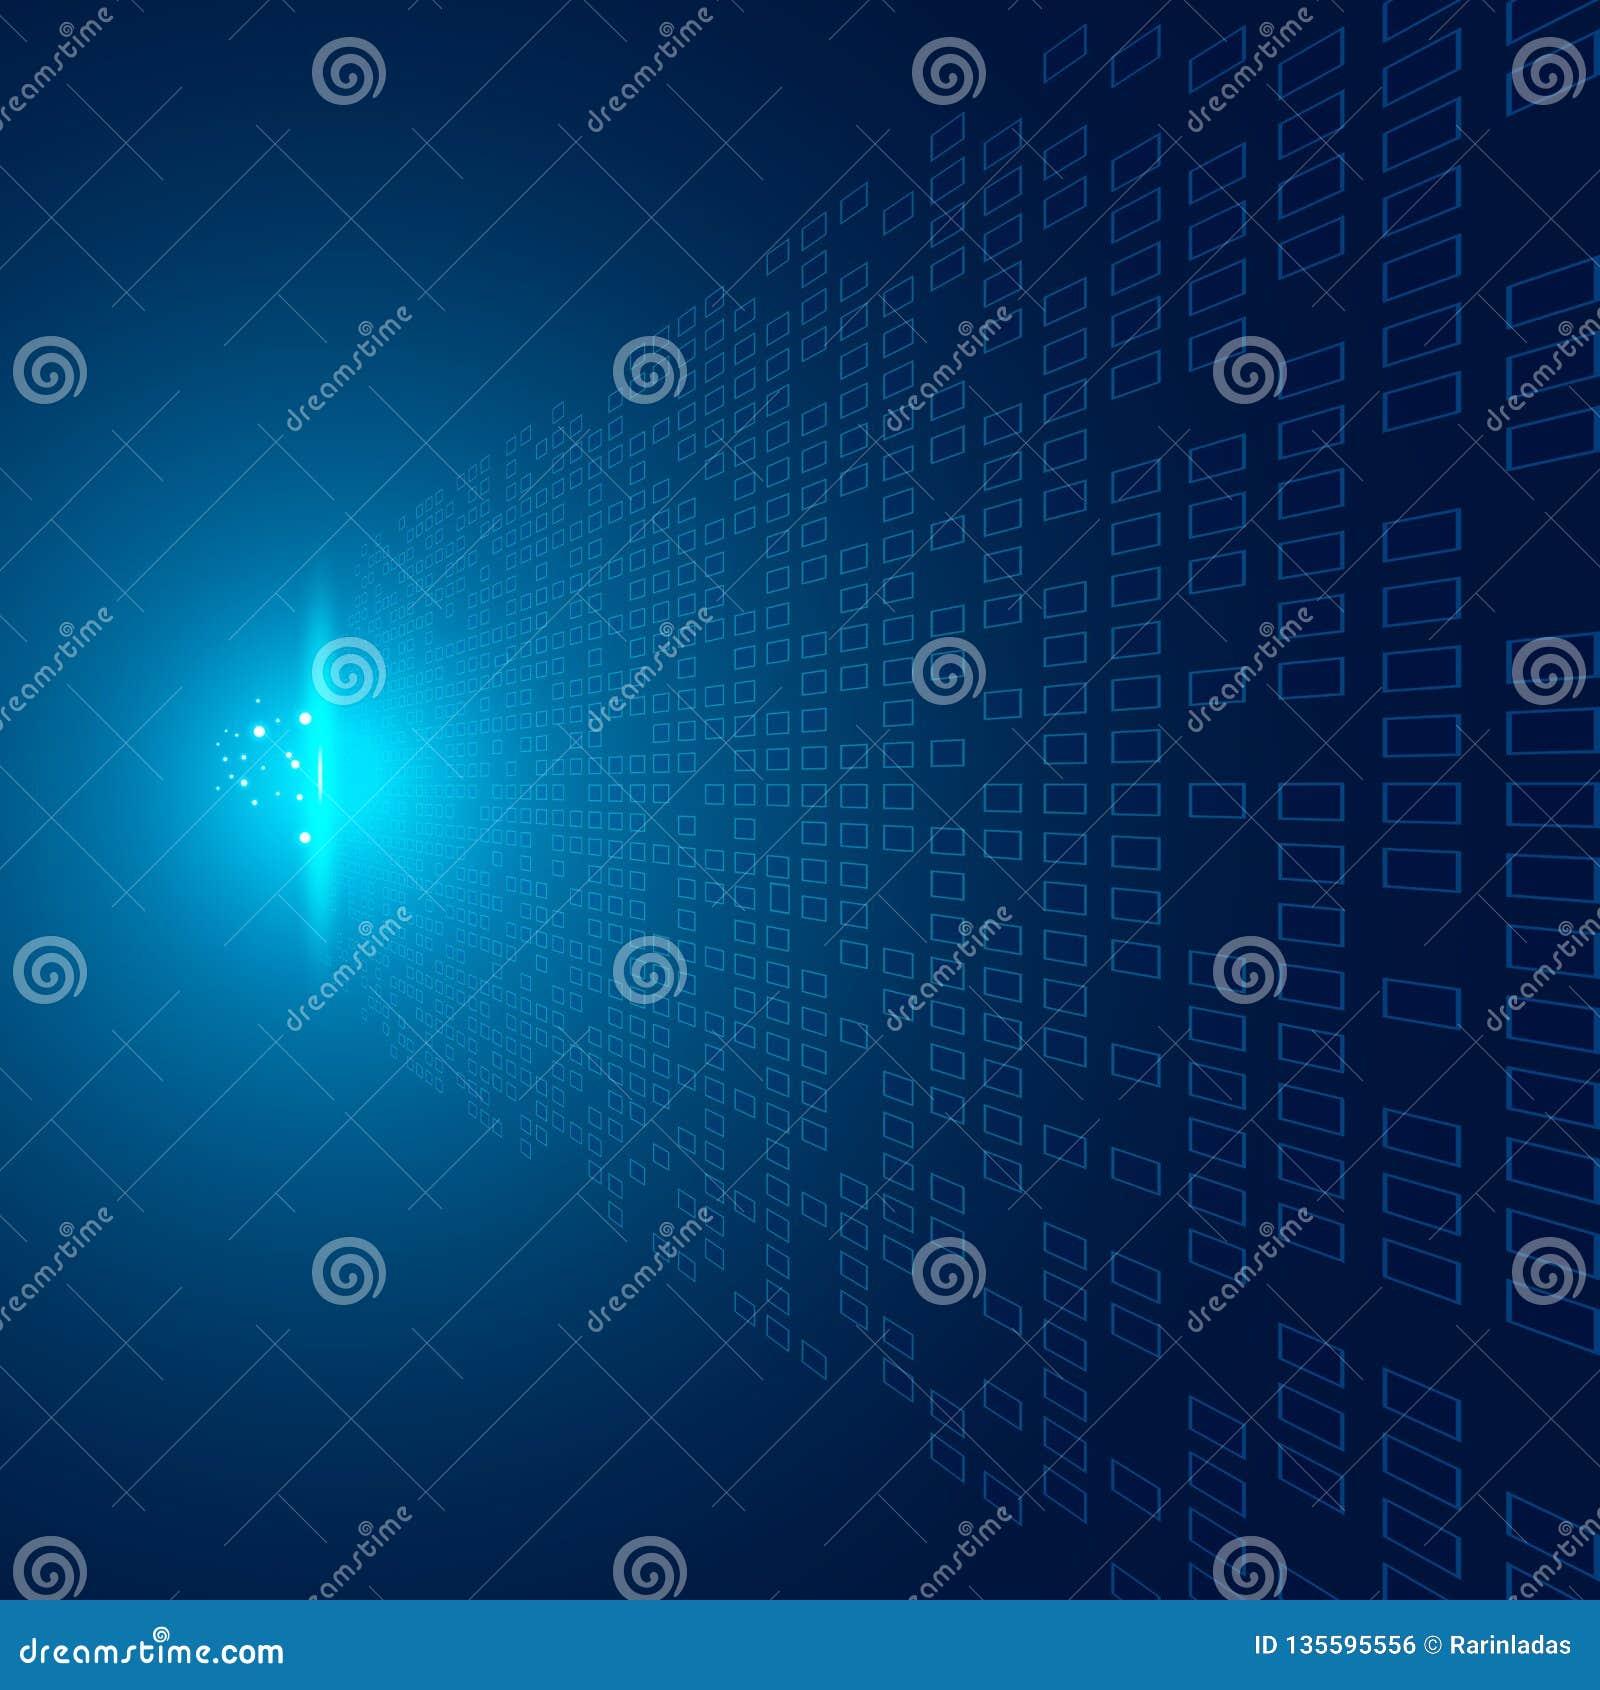 Os quadrados abstratos modelam a perspectiva futurista dos dados de transferência no fundo azul com impacto do conceito claro da